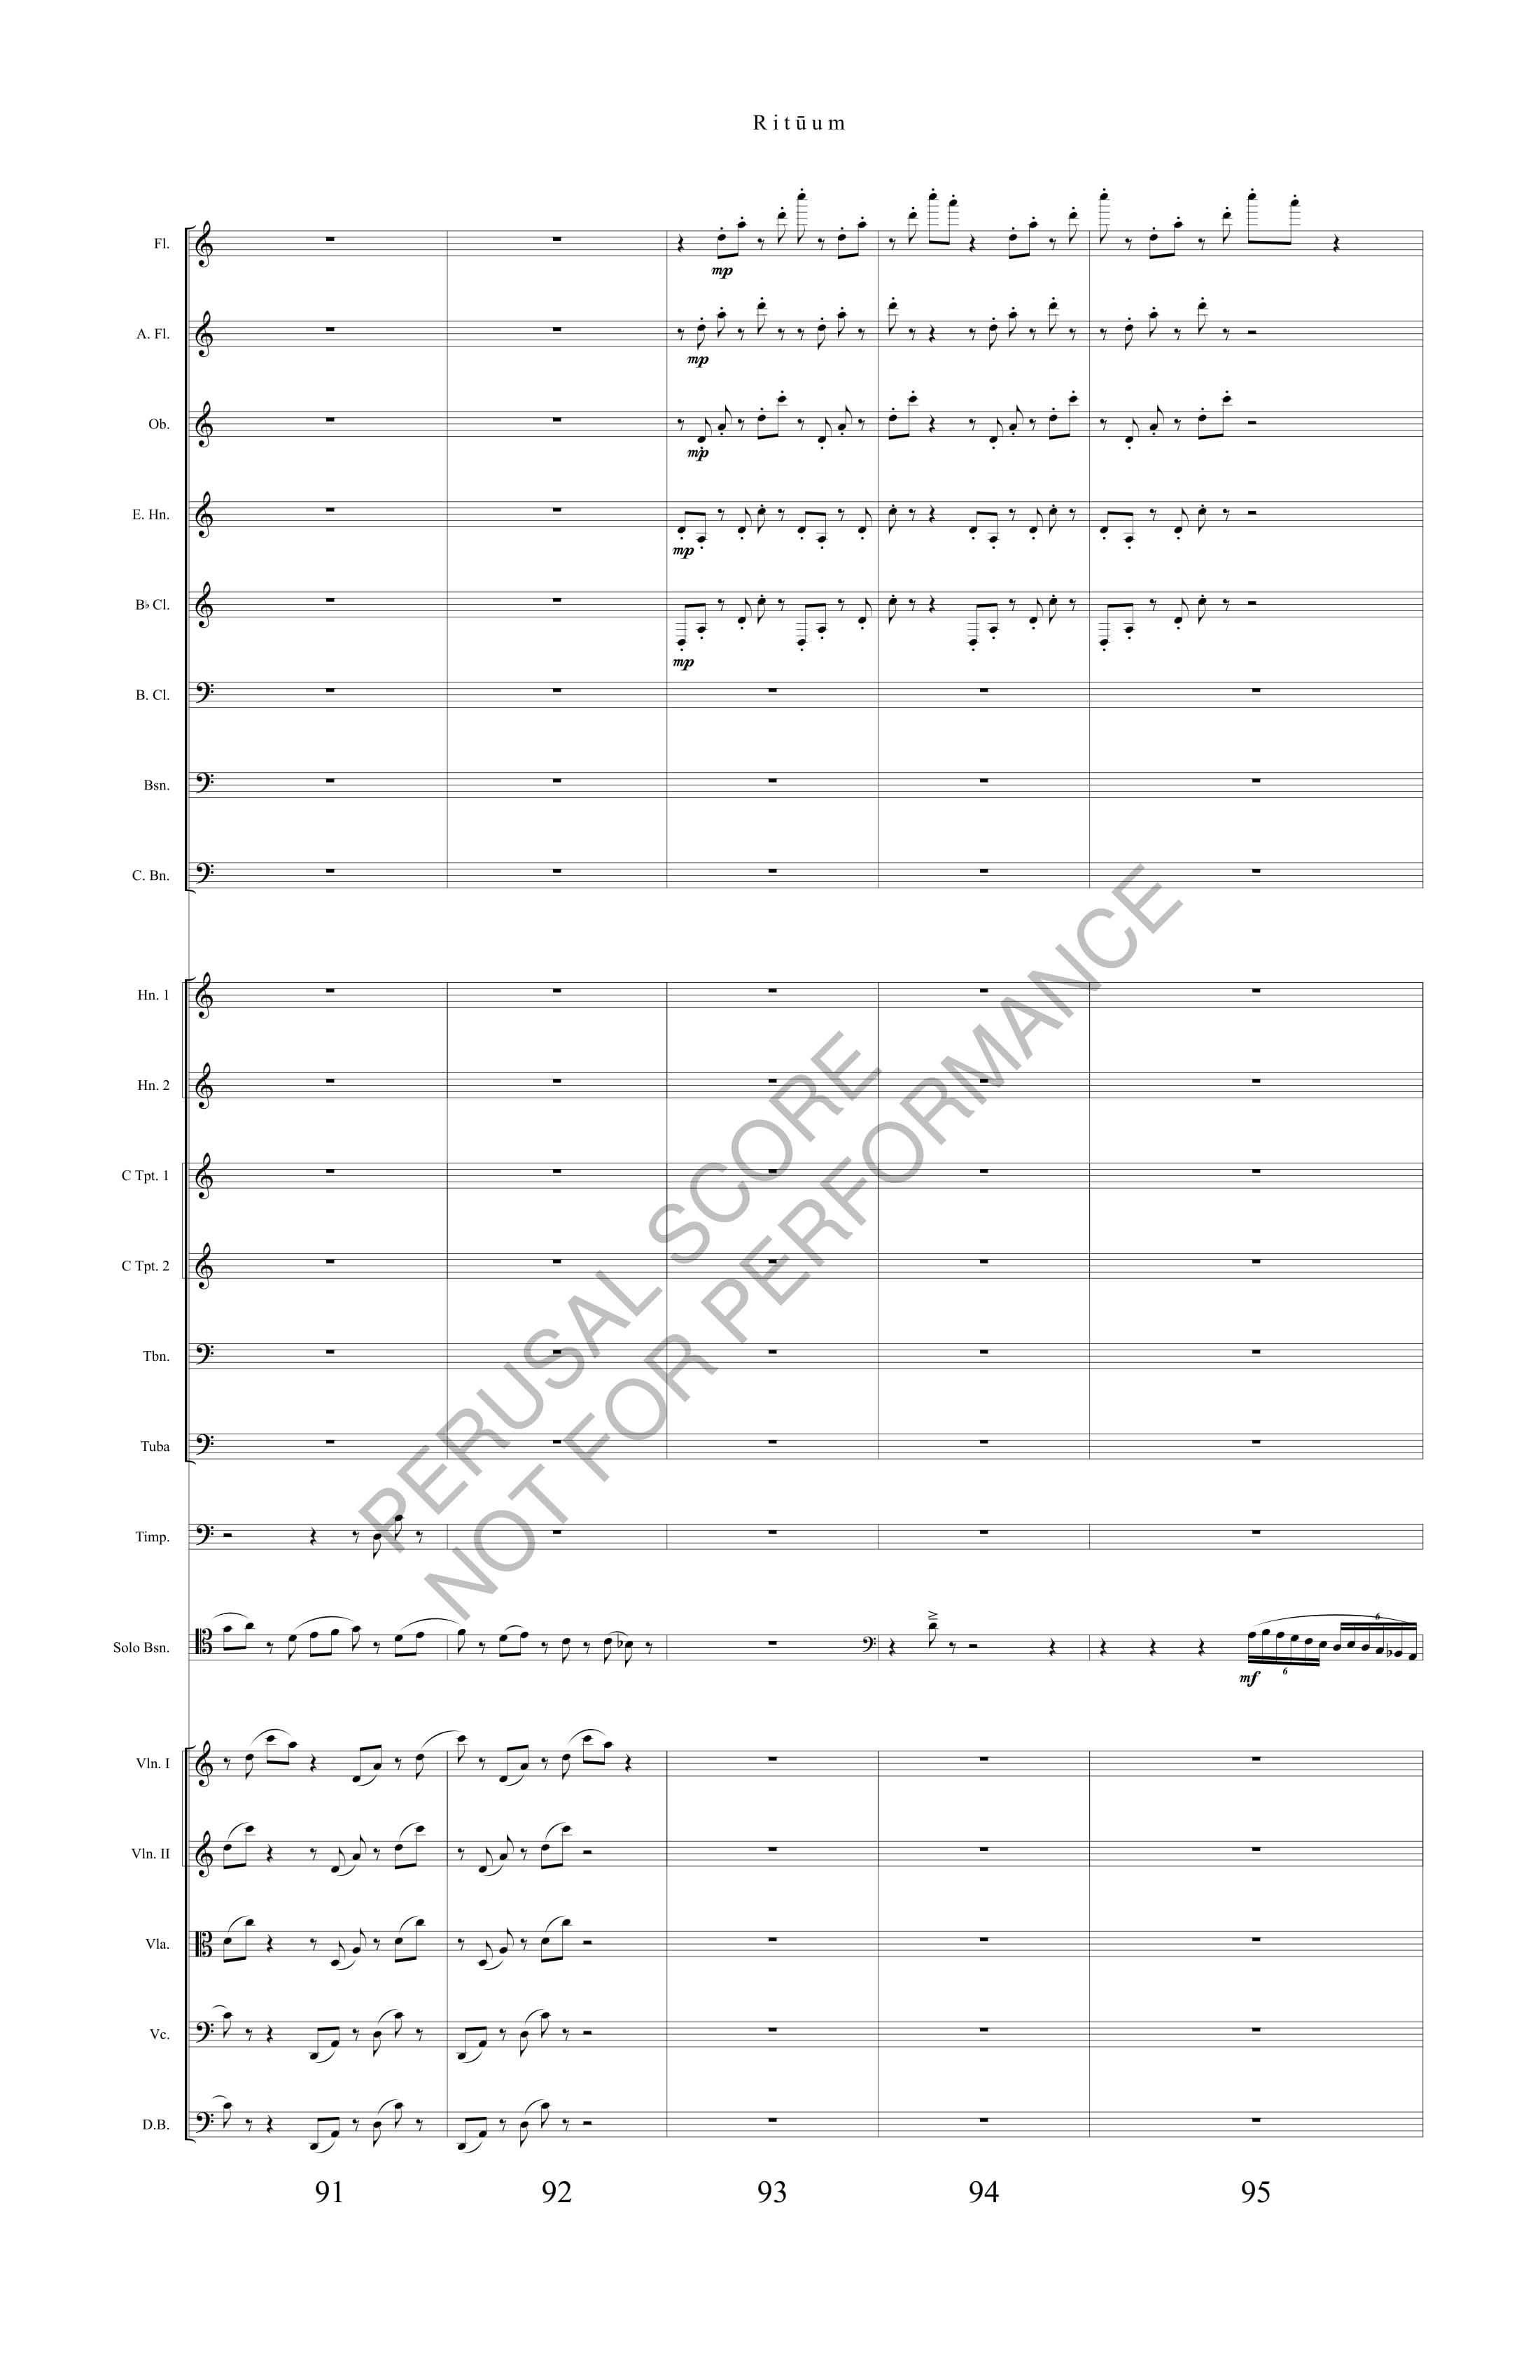 Boyd Rituum Score-watermark (1)-25.jpg